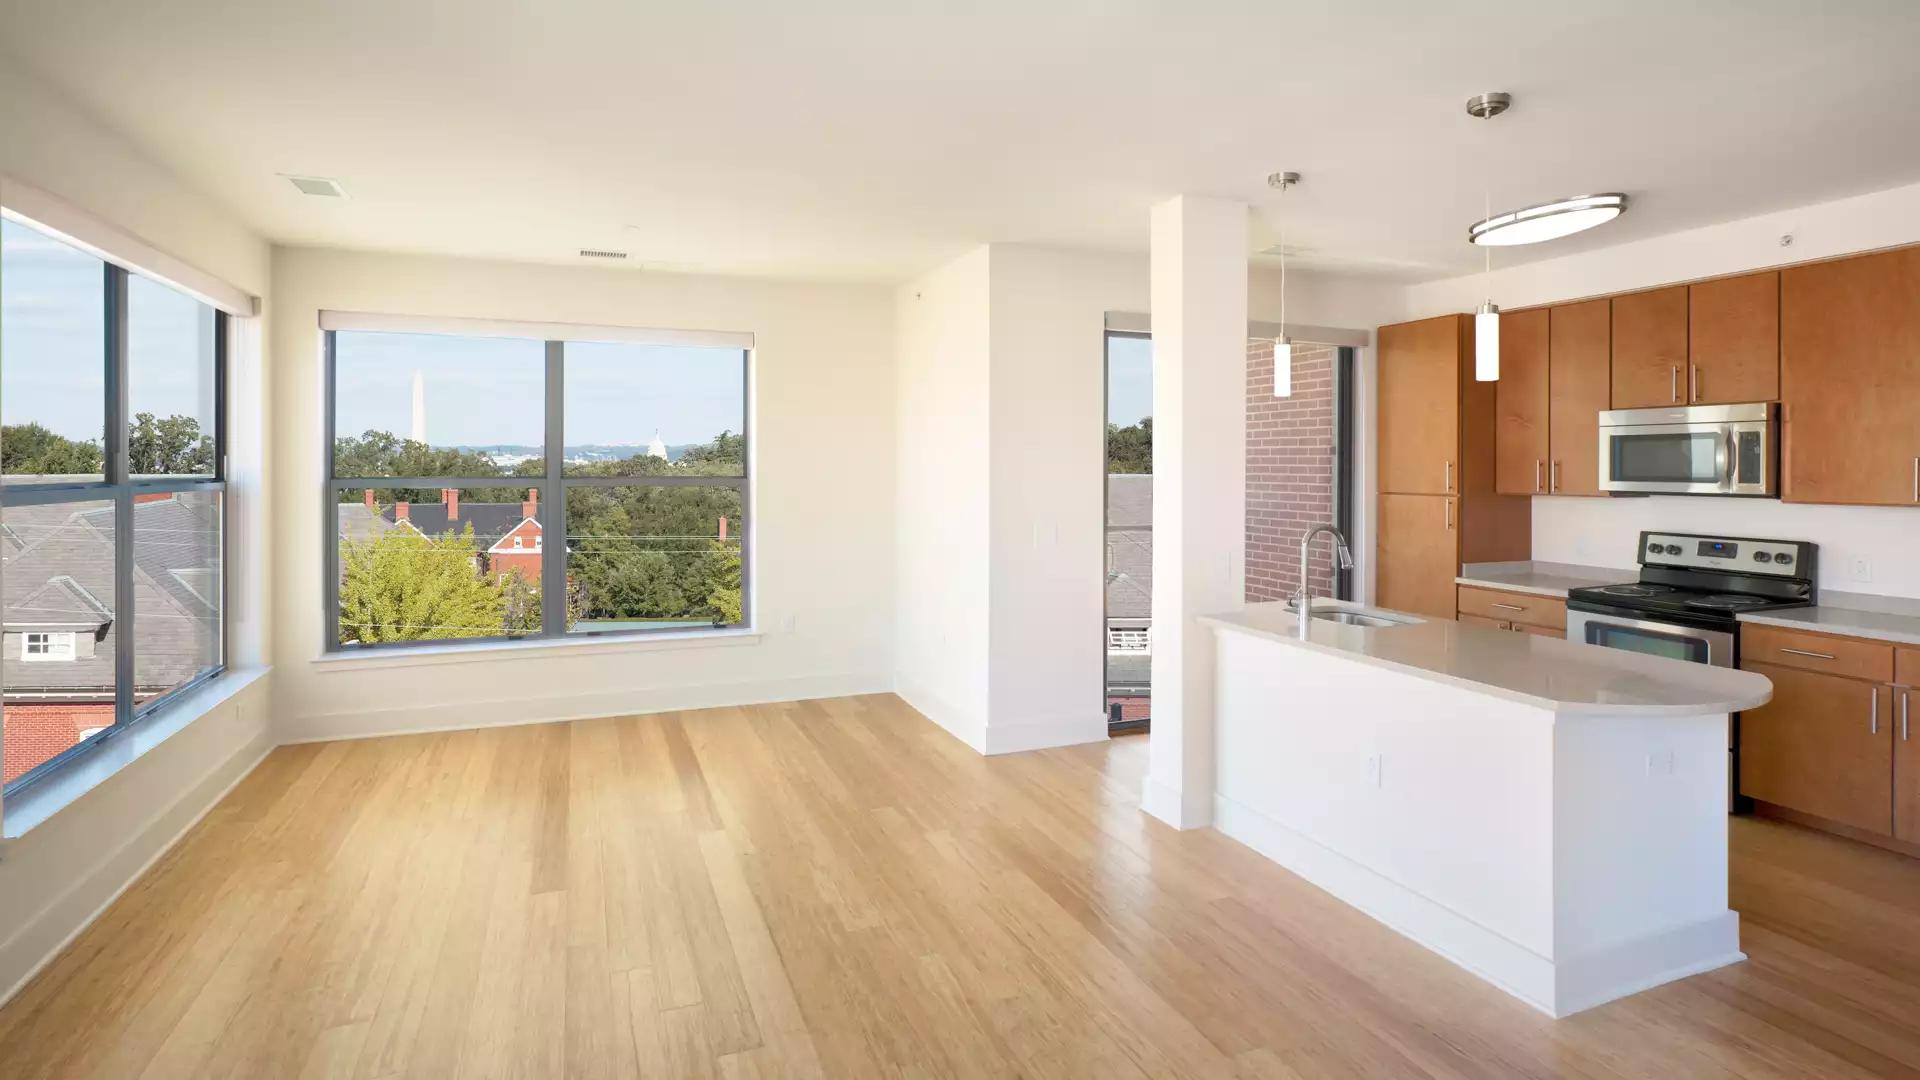 2201 Pershing Apartments - Arlington, VA